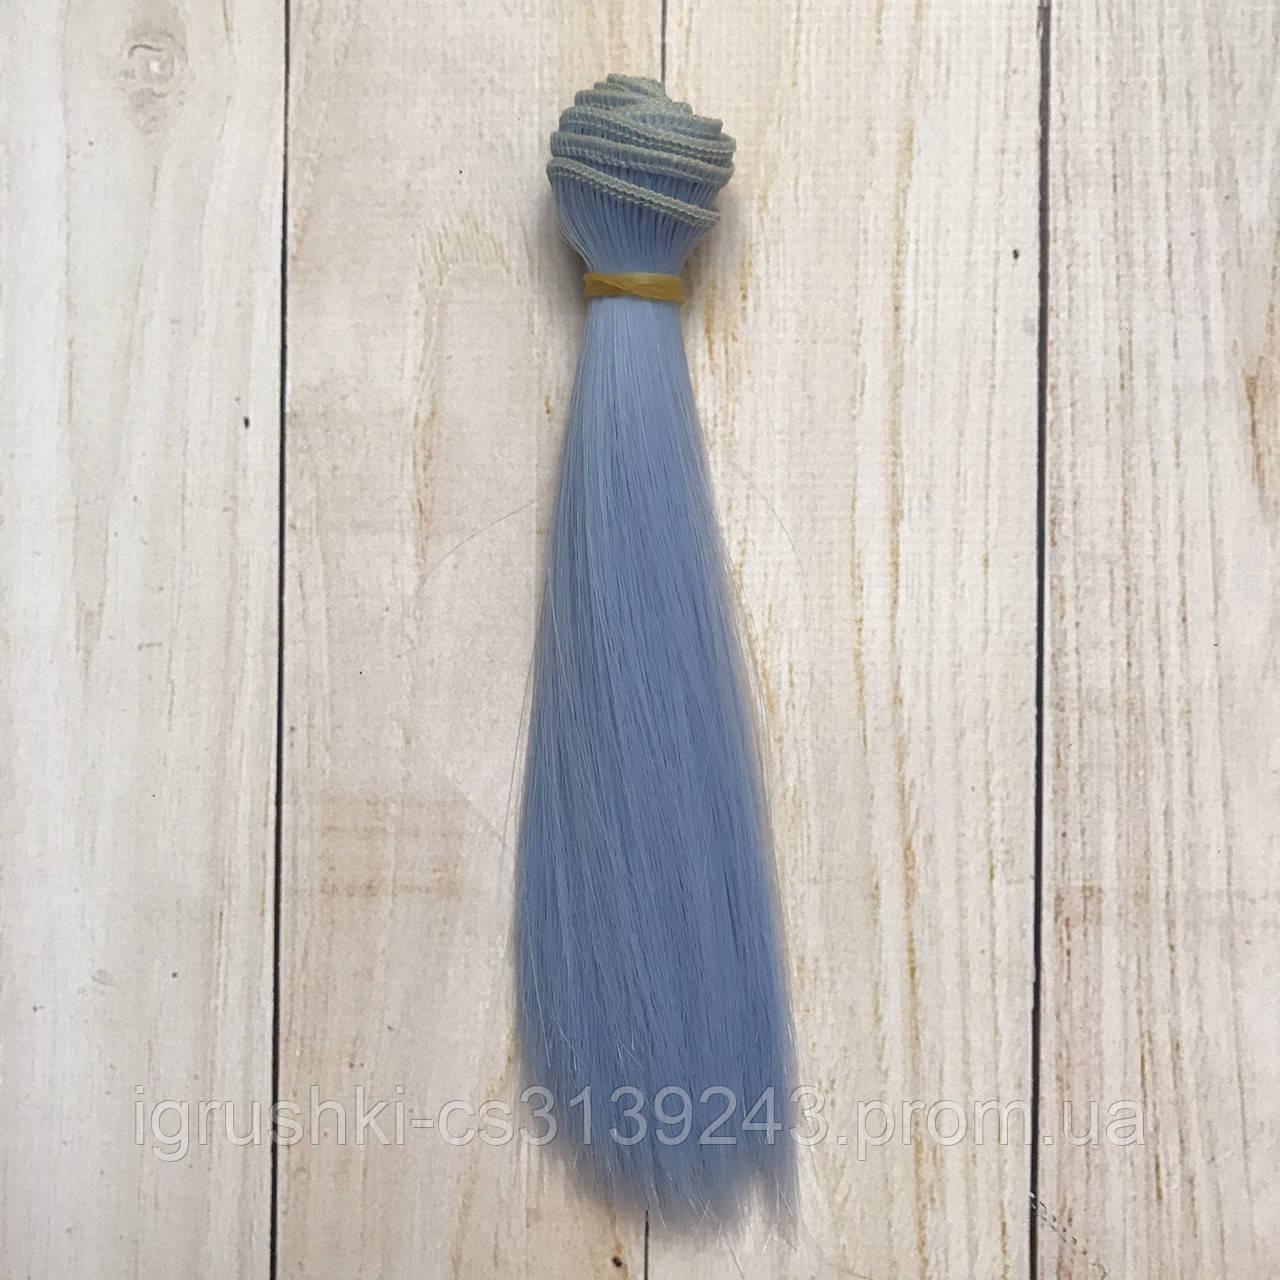 Волосся для ляльок (тресс) 15 * 100 см Колір 65